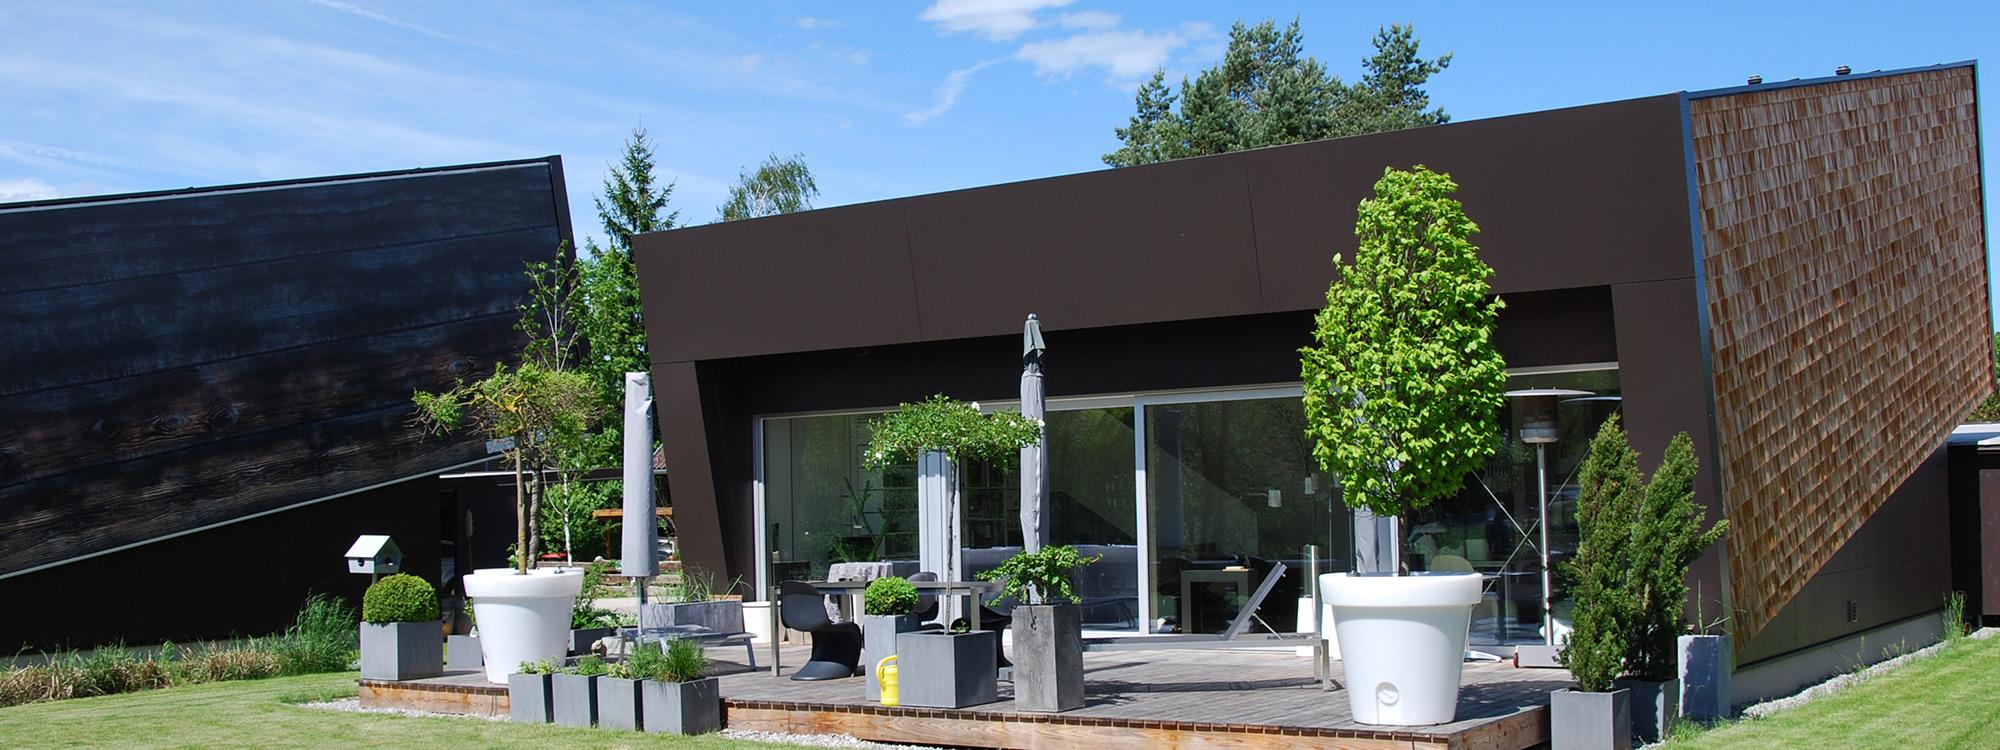 smart-loft ist das Wohn- und Architekturkonzept der Zukunft.